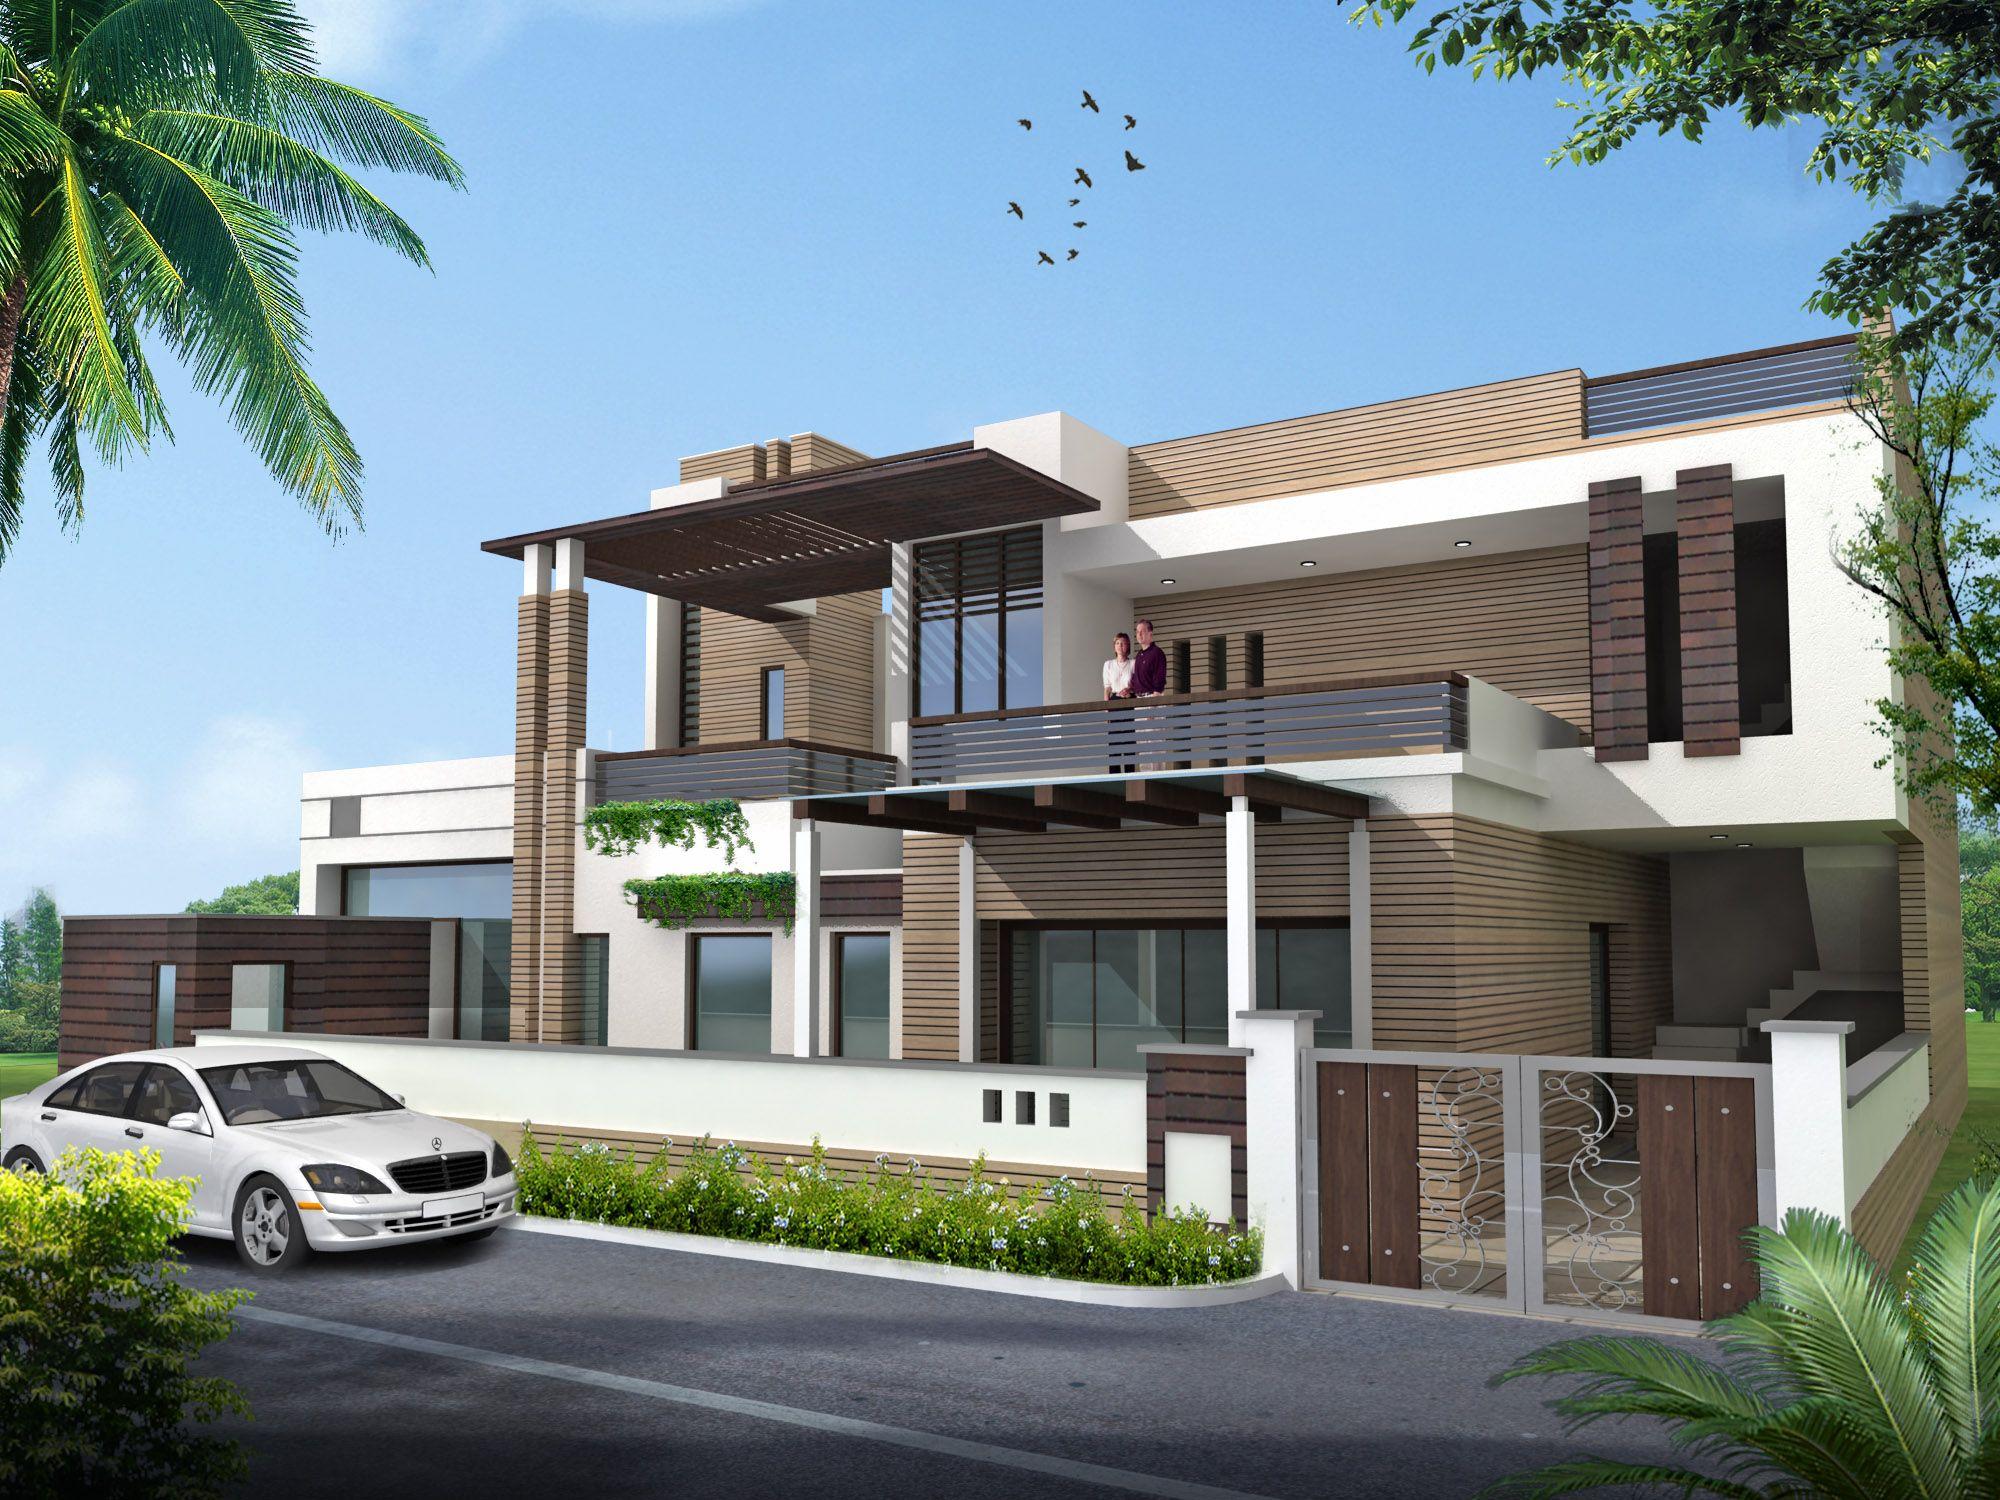 Home Design Exterior - Home Interior | House | Pinterest